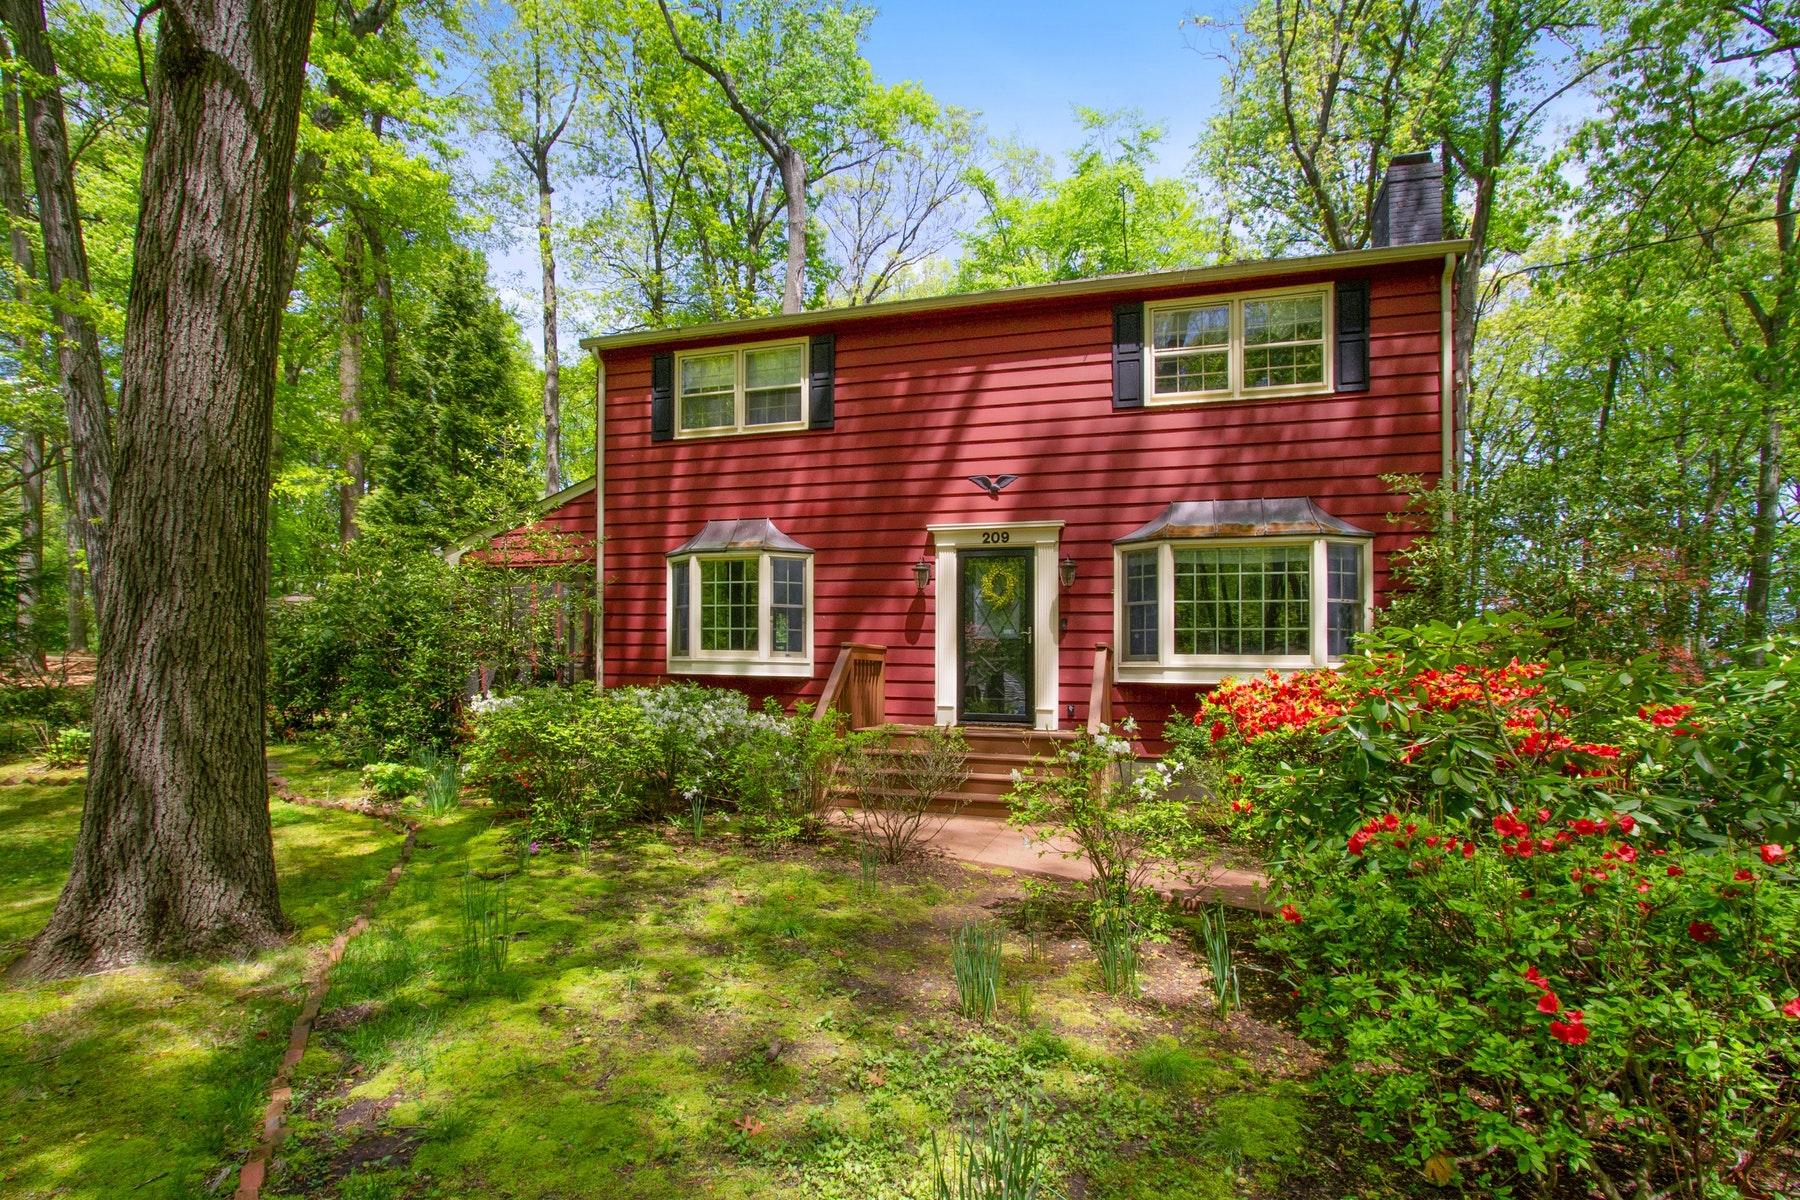 Single Family Homes pour l Vente à LIVE LINCROFT 209 Woodland Drive, Lincroft, New Jersey 07738 États-Unis